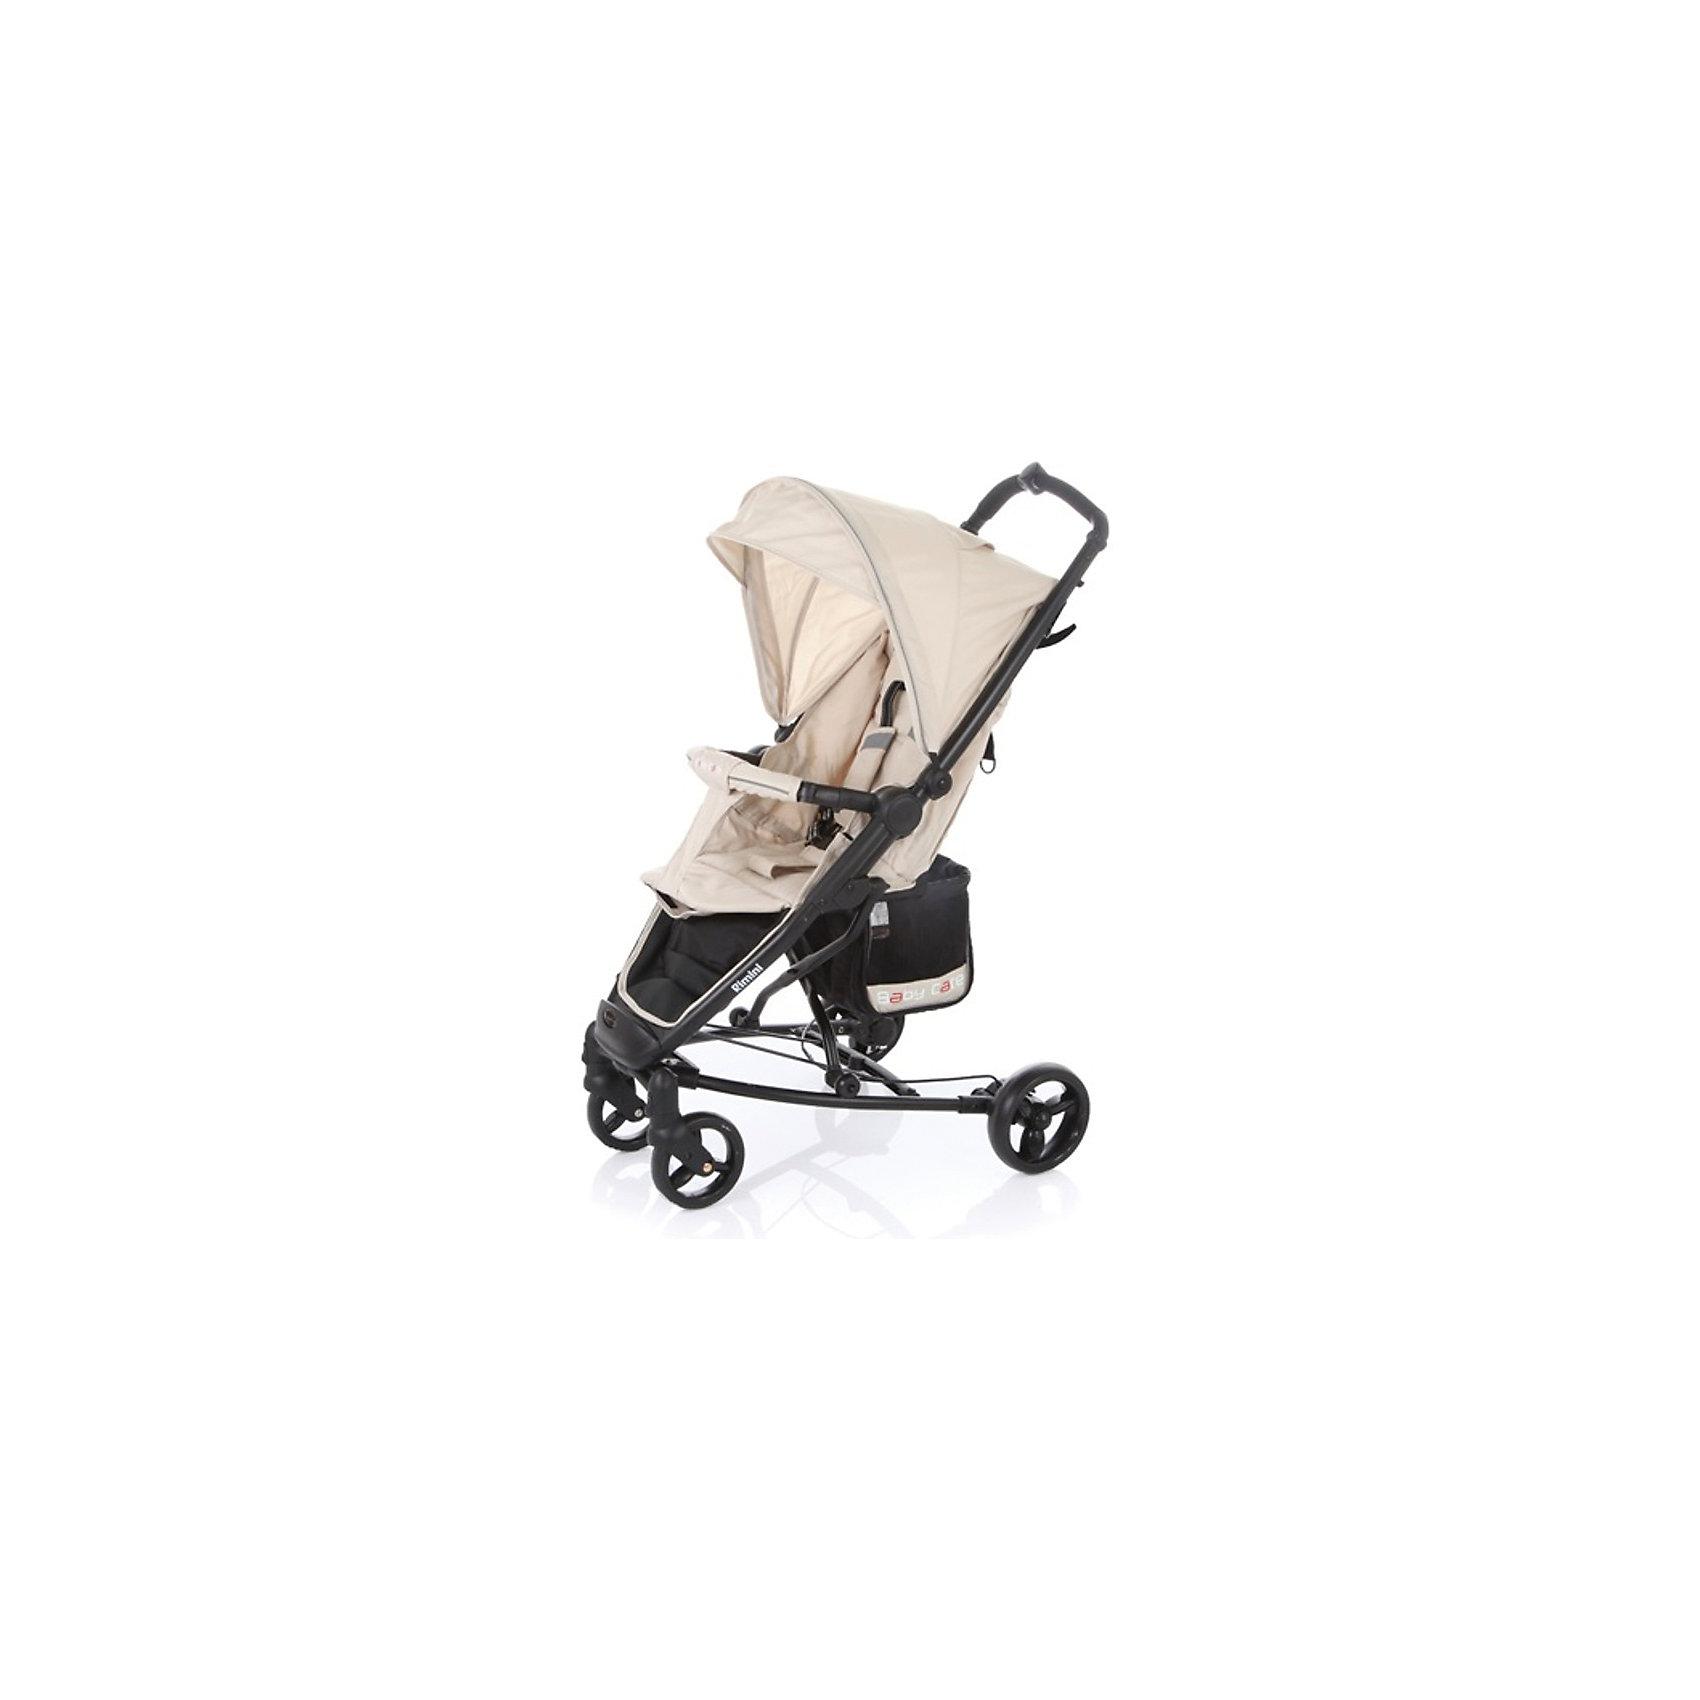 Прогулочная коляска Rimini, Baby Care, бежевыйBaby Care Rimini – современная городская прогулочная коляска. Сконструированая на легкой алюминиевой раме, данная модель – отличный выбор для молодой семьи. Большой капюшон со смотровым окошком снабжен дополнительным козырьком. Спинка моет раскладываться почти до горизонтального положения. Вкупе с подножкой, крепящейся с помощью перемычки к бамперу, получаем просторное спальное место.Rimini быстро и компактно складывается книжкой. Коляска не занимает много места и снабжена защитой от случайного раскладывания.Особенности:• легкая алюминиевая рама;• плавающие передние колеса с возможностью фиксации;• ножной барабанный тормоз на тросике;• регулируемая подножка;• 5-ти точеные ремни безопасности;• съемный бампер с мягкой обивкой;• коляска складывается в «книжку» одной рукой.Комплектация:• Чехол на ноги<br>Характеристики:• диаметр колес: передние – 15 см, задние — 17 см;• тип колес: одинарные;• механизм складывания: книжка;• ширина колесной базы: 59 см;• вес: 8,4 кг;• размер спального места: 73х30 см;• размер корзины: 20х20х25 см;• размеры: в разложенном виде: 51х82х102 см• в сложенном виде: 32х75х44 см.<br><br>Ширина мм: 760<br>Глубина мм: 230<br>Высота мм: 350<br>Вес г: 9400<br>Возраст от месяцев: 6<br>Возраст до месяцев: 48<br>Пол: Унисекс<br>Возраст: Детский<br>SKU: 5513638